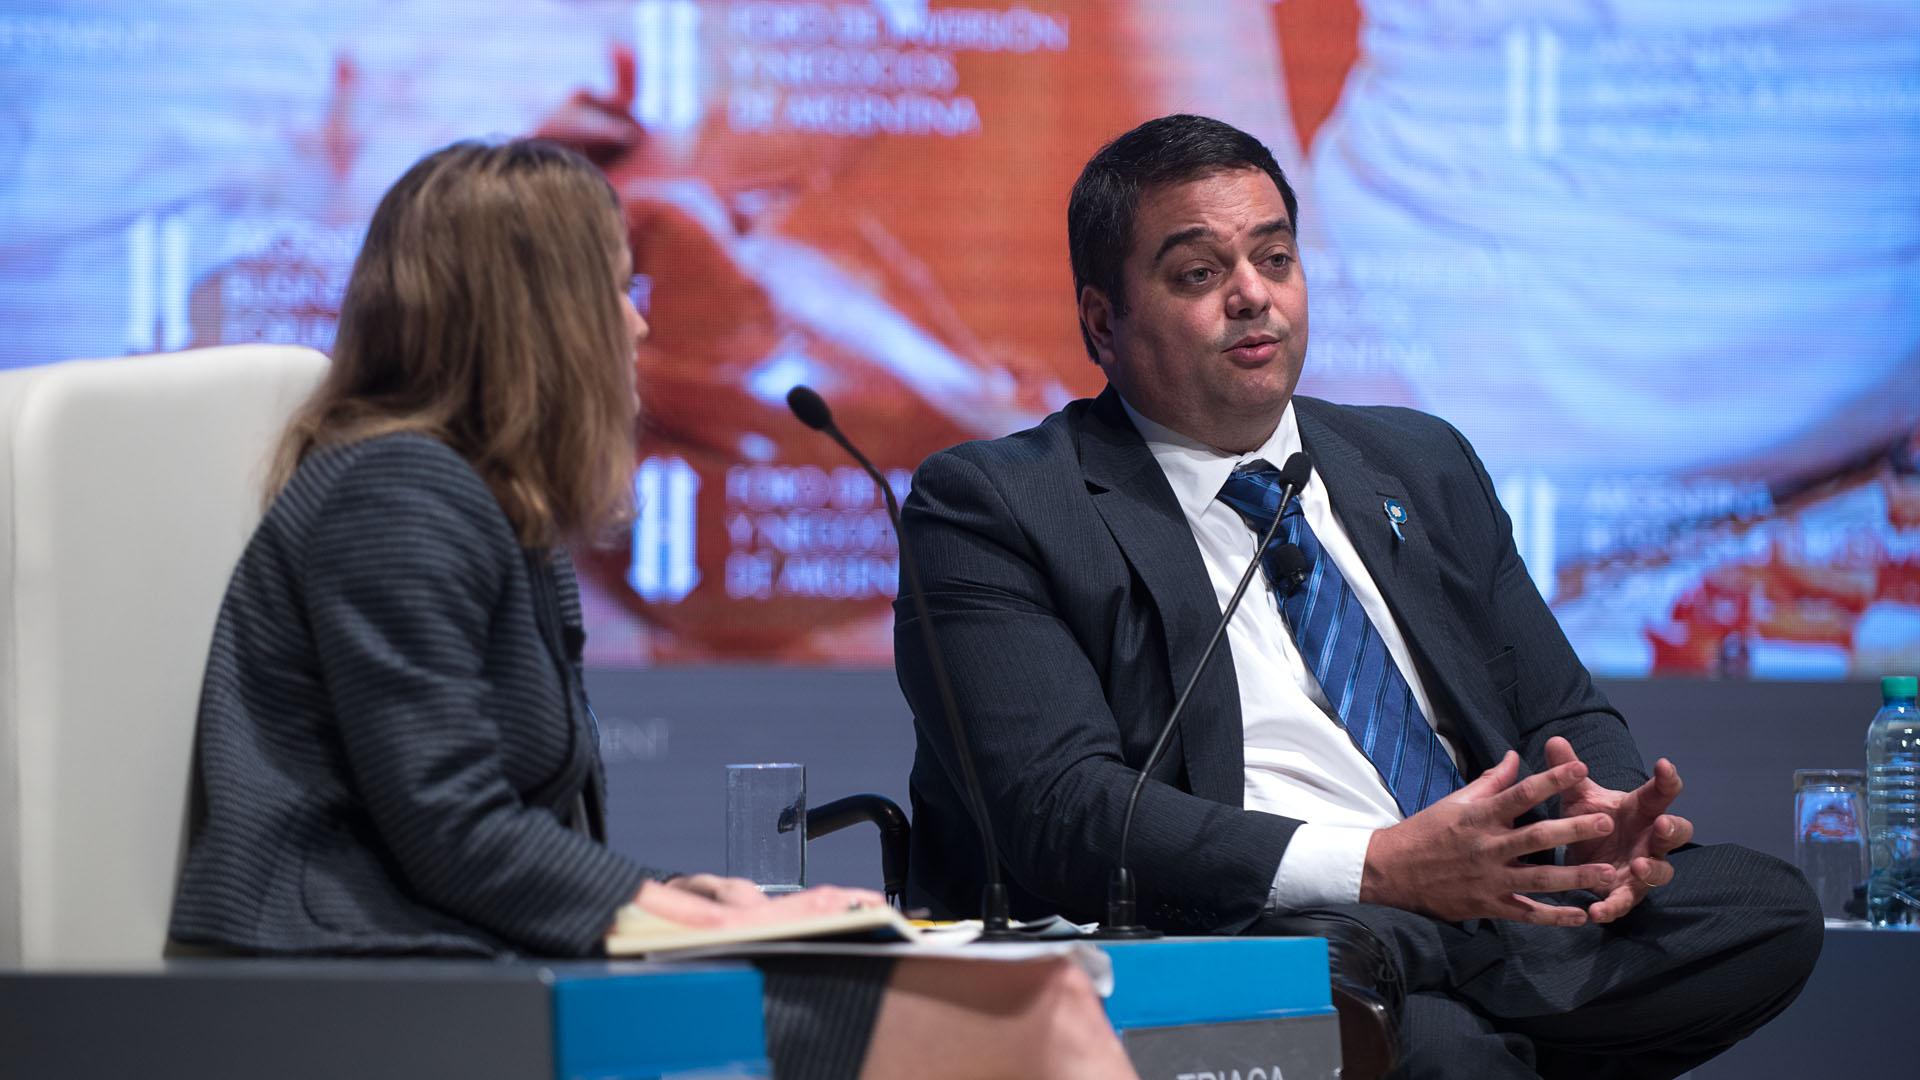 El ministro de Trabajo Jorge Triaca habló en el Foro de Inversión y Negocios y analizó la dinámica laboral en el país